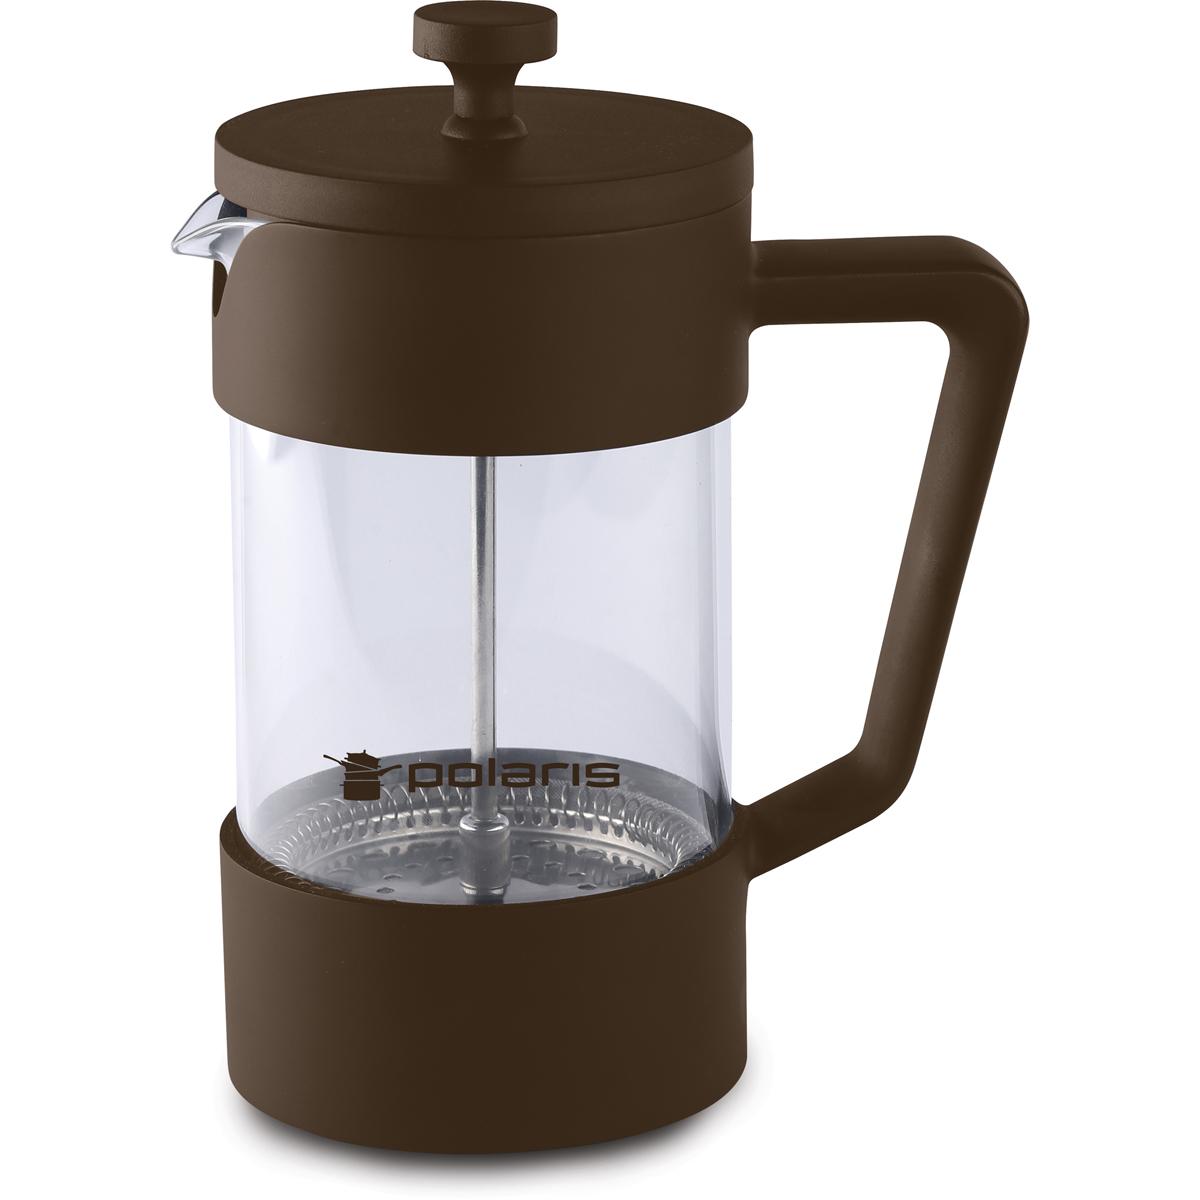 Френч-пресс Polaris Etna-600FP, 600 млEtna-600FPМатериал – высококачественный пластик. Подходит для заваривания кофе и чая. Колба из жаропрочного стекла. Эргономичный поршень с фильтром из нержавеющей стали 18/10